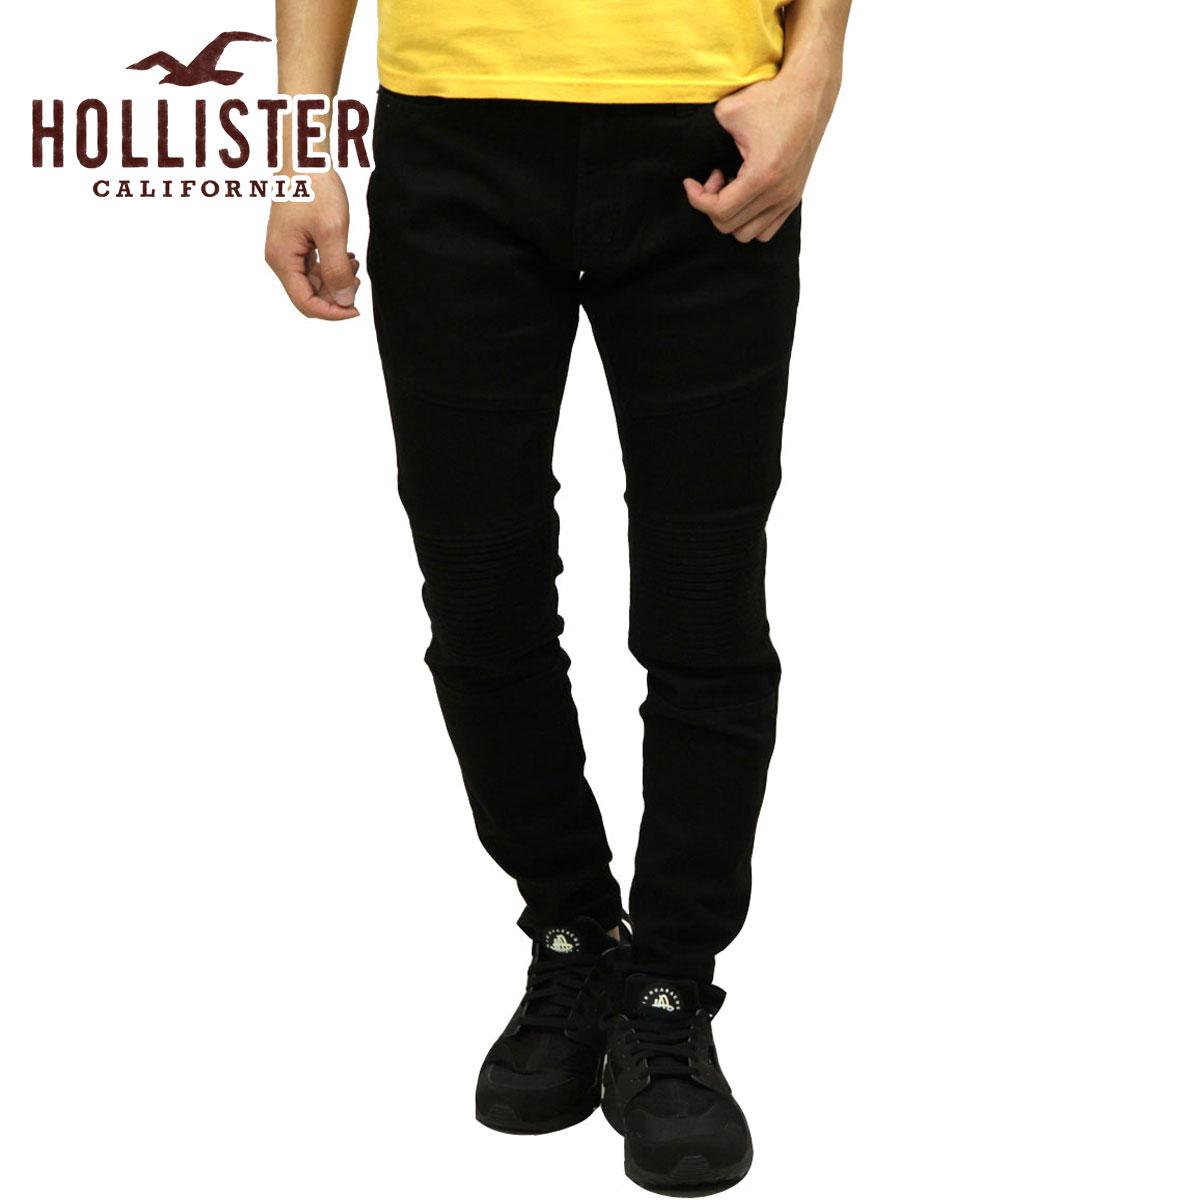 ホリスター HOLLISTER 正規品 メンズ ストレッチスキニージーンズ Advanced Stretch Super Skinny No Fade Jeans 331-380-1598-975